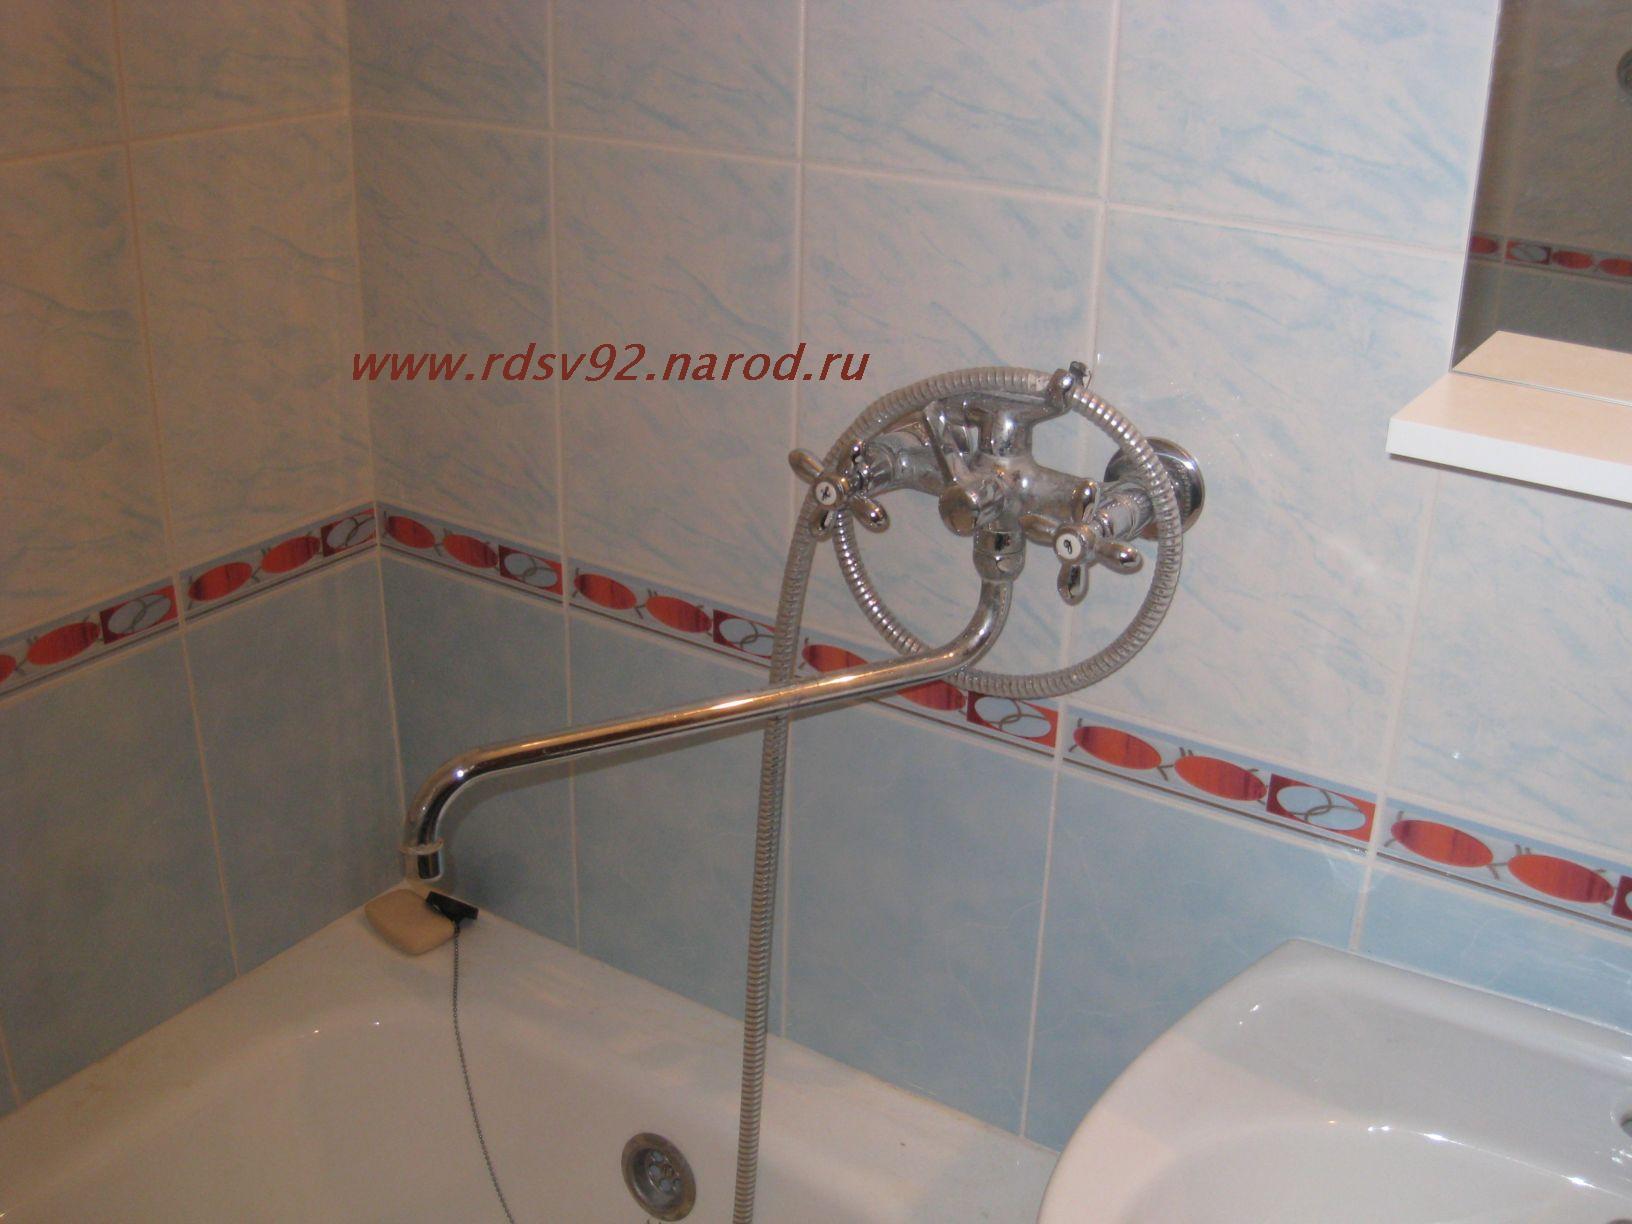 Ремонт смесителя с душем в ванной своими руками